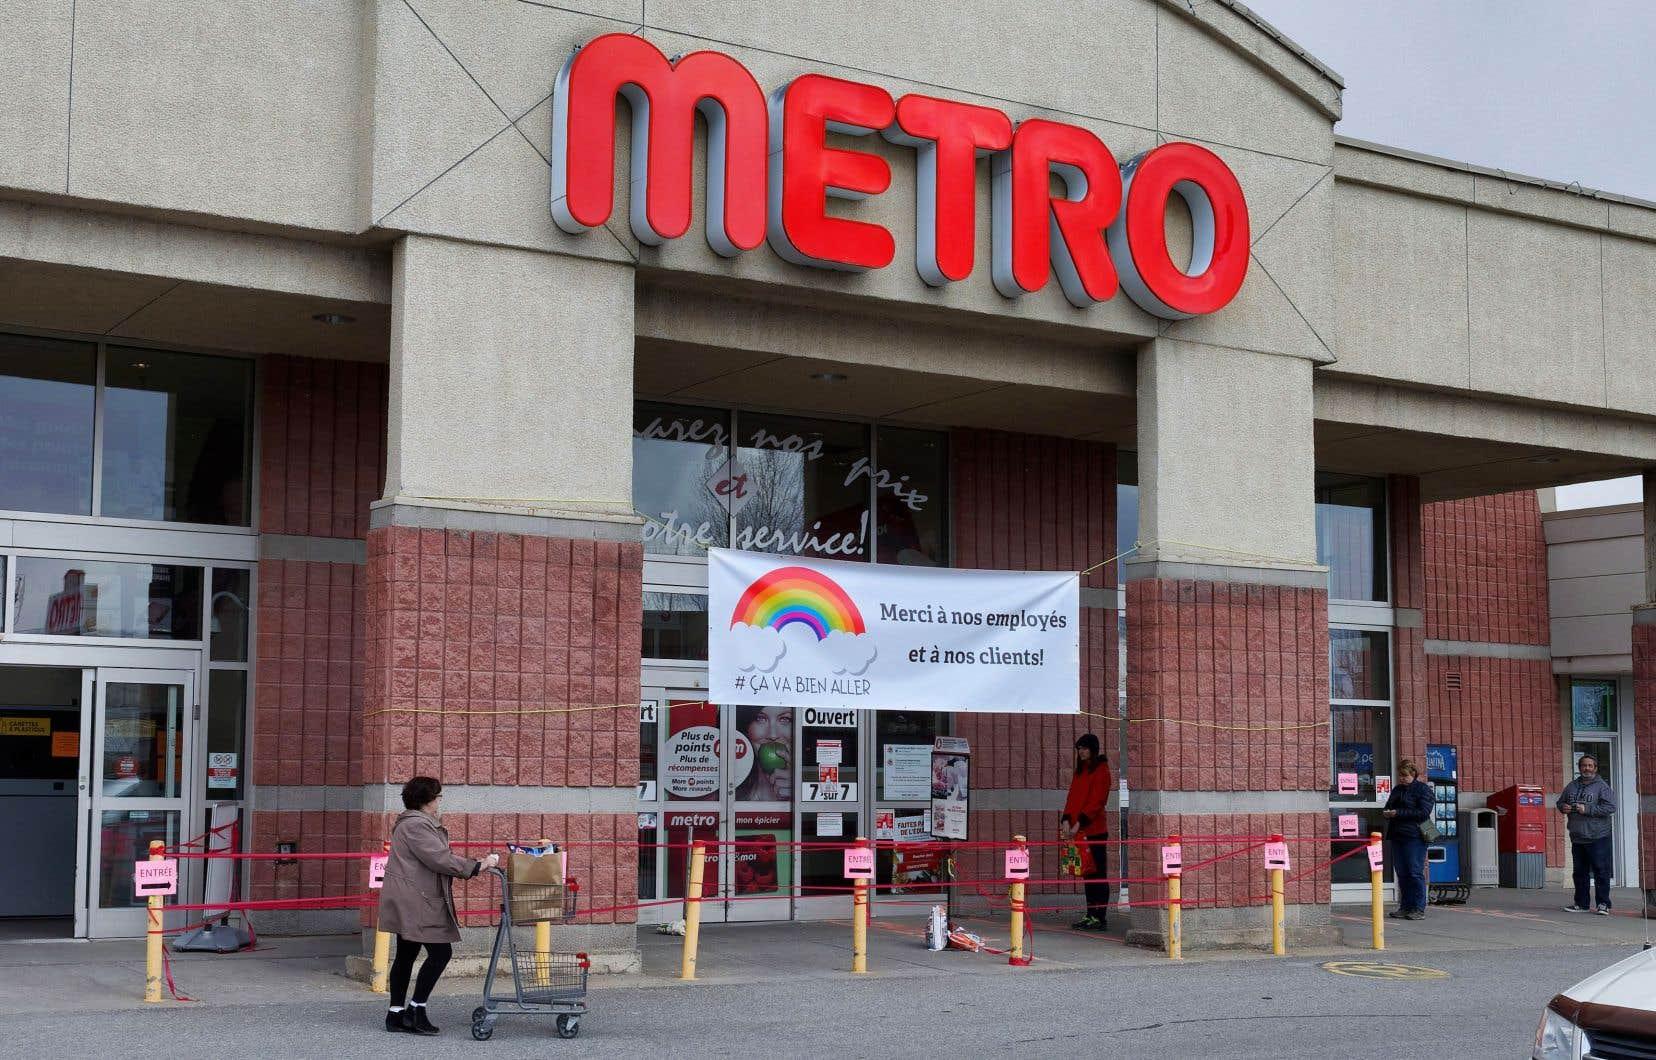 Les cartes-cadeaux seront offertes en février aux employés visés et seront valides pour des achats dans les enseignes de Metro.